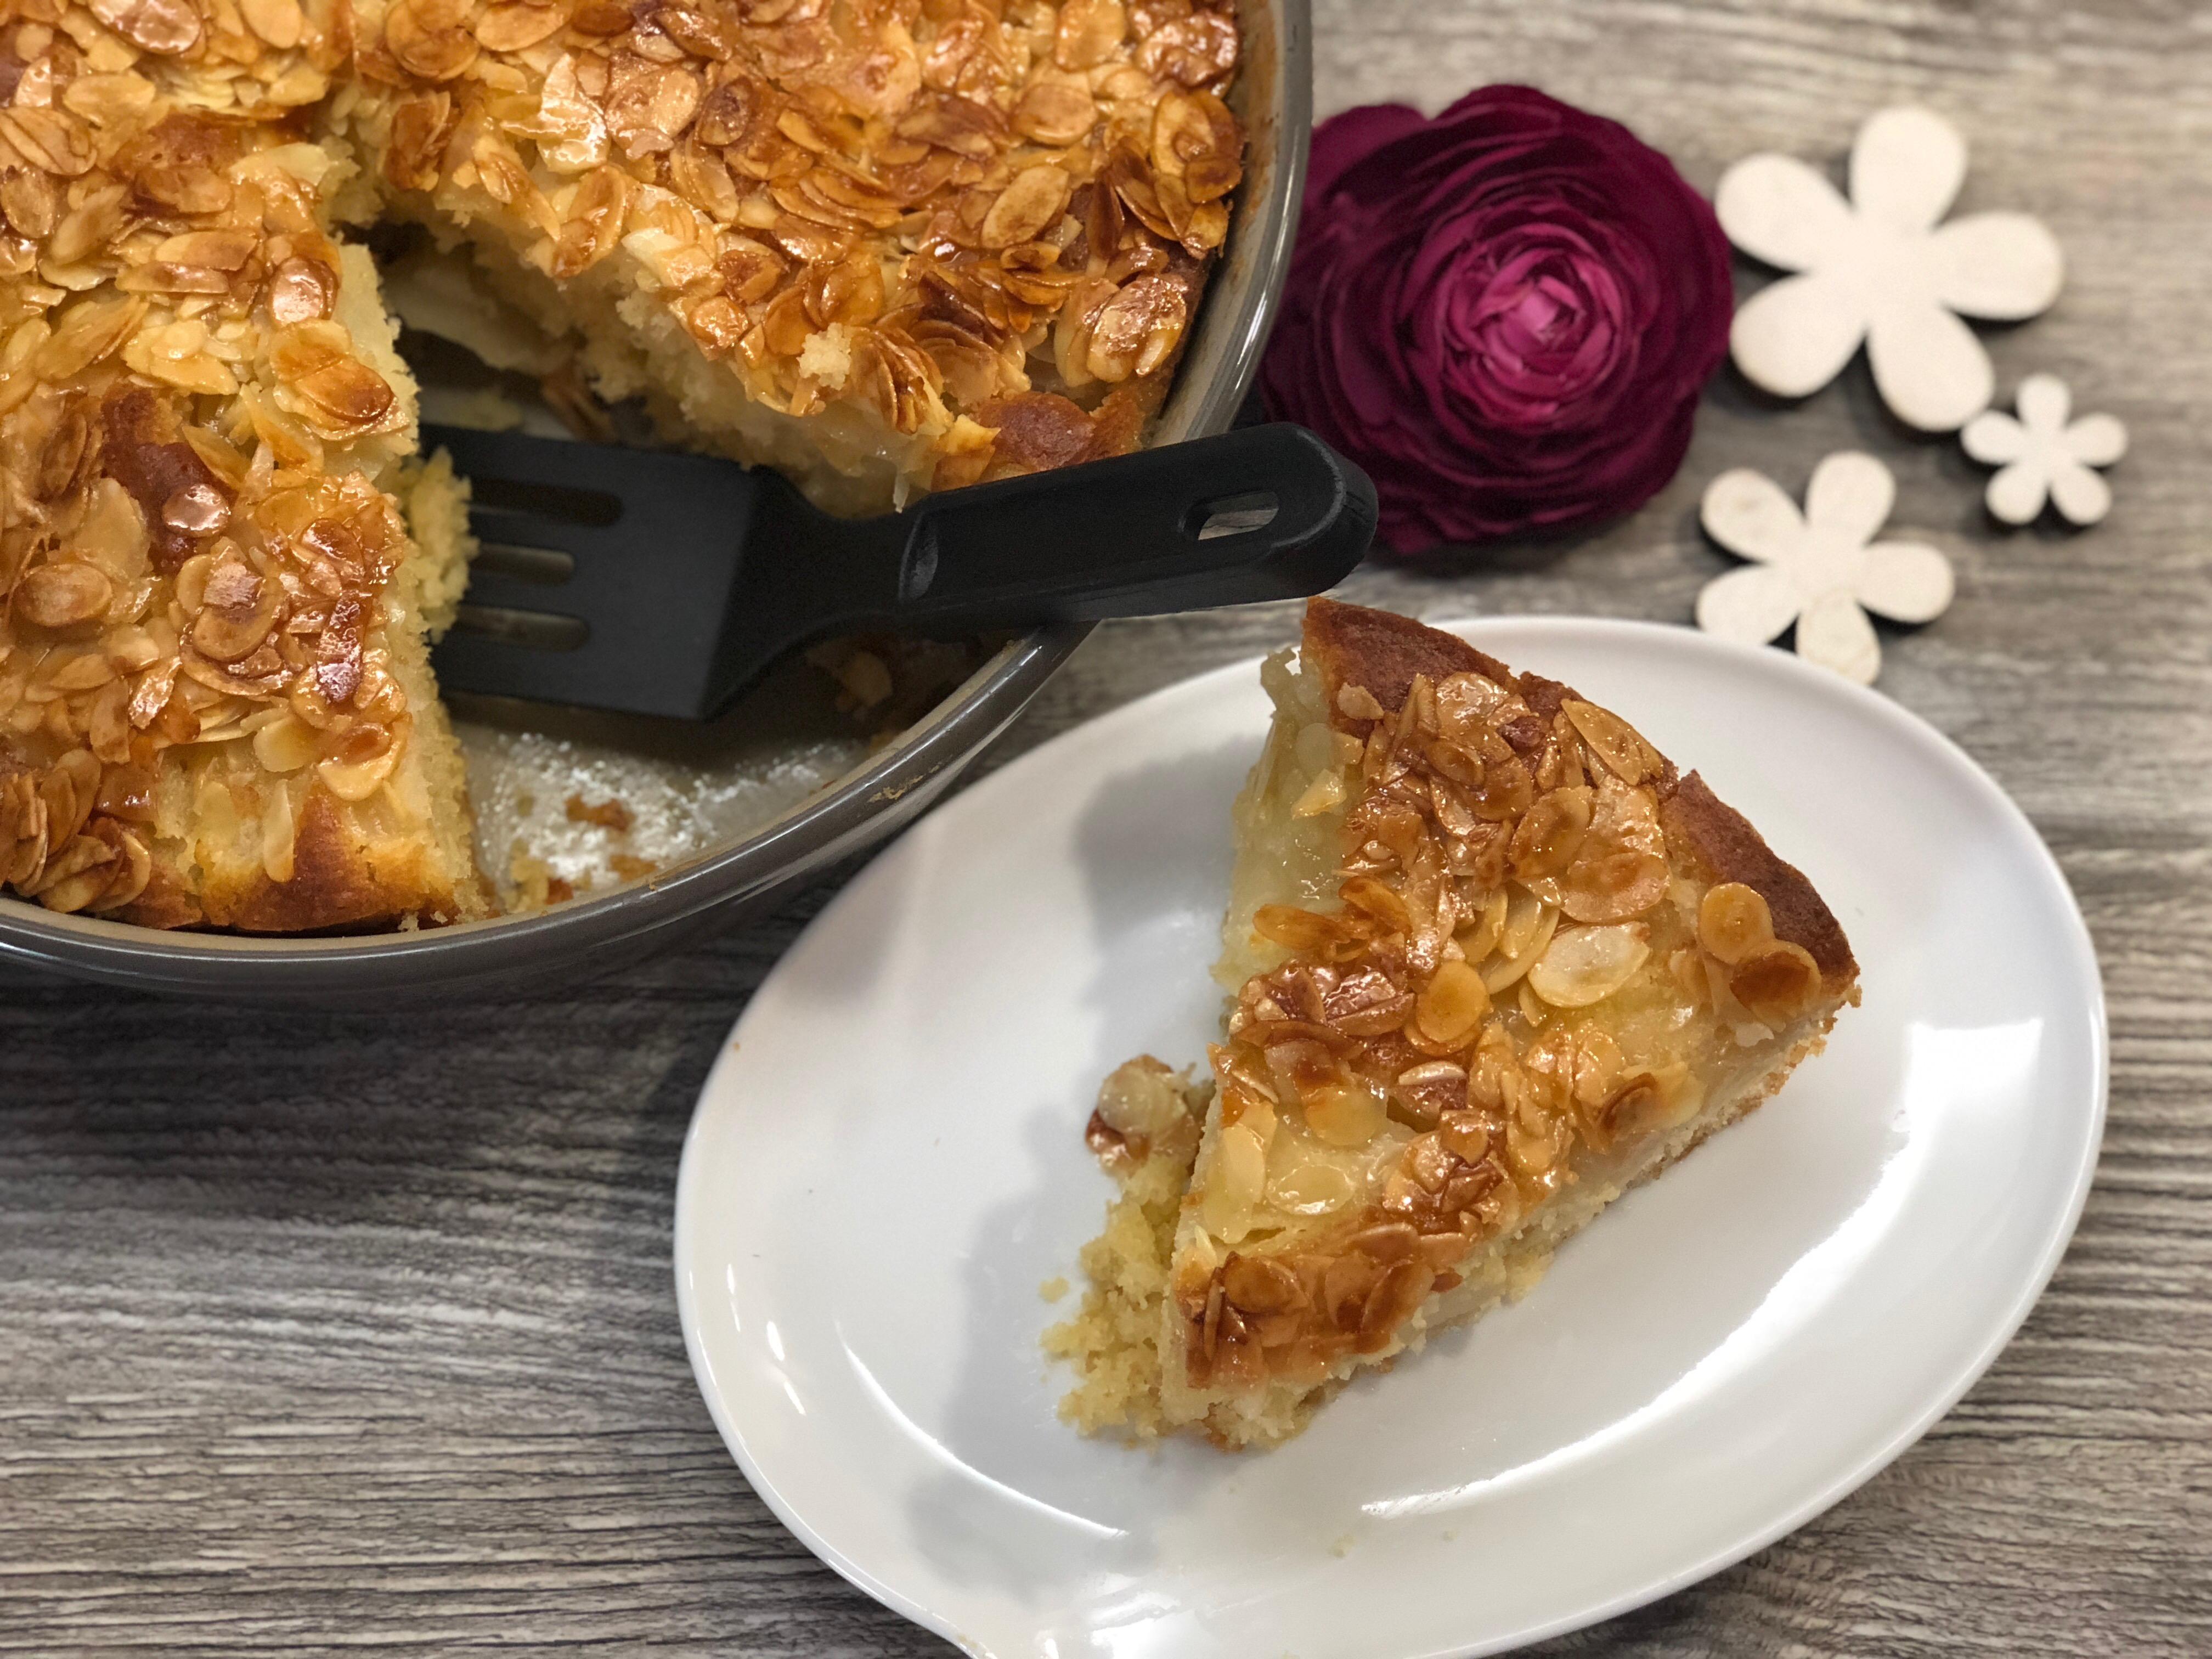 Apfelkuchen aus runden Form von Pampered Chef® - Kuchenstück von oben